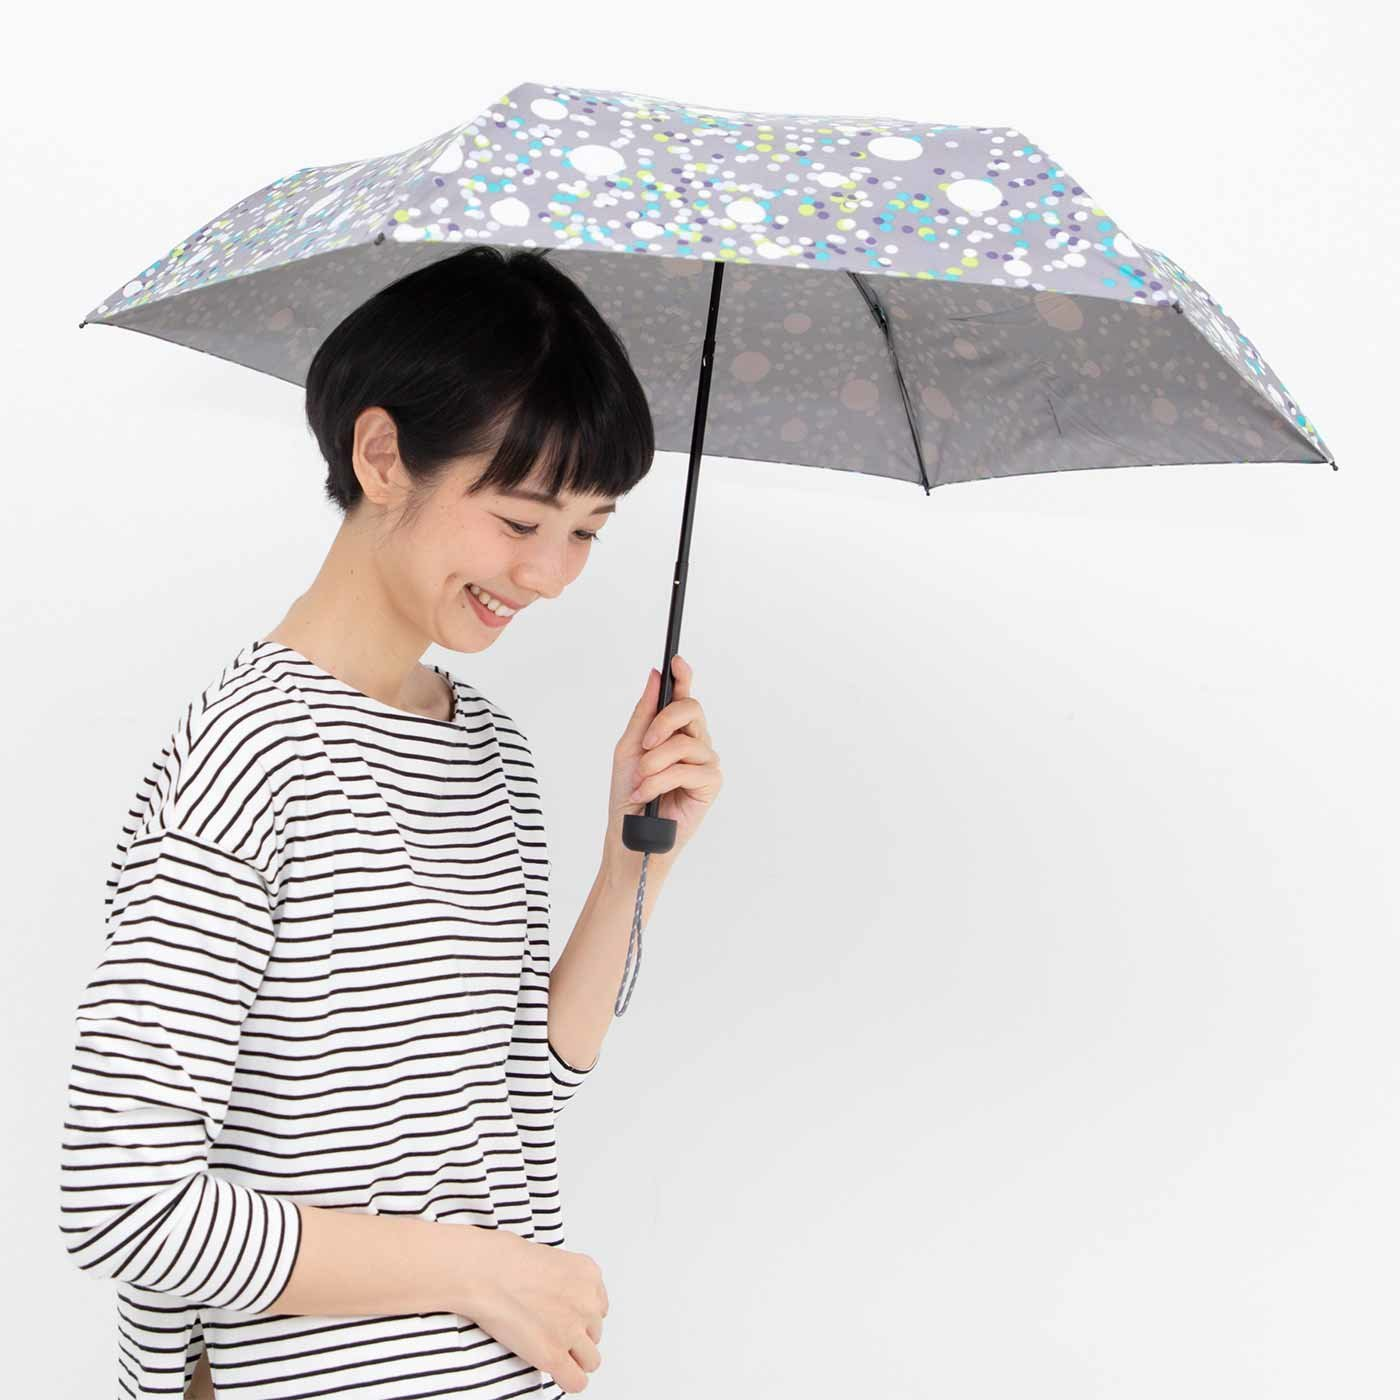 紫外線99%カット クールに決まる 晴雨兼用3段折りたたみ傘の会